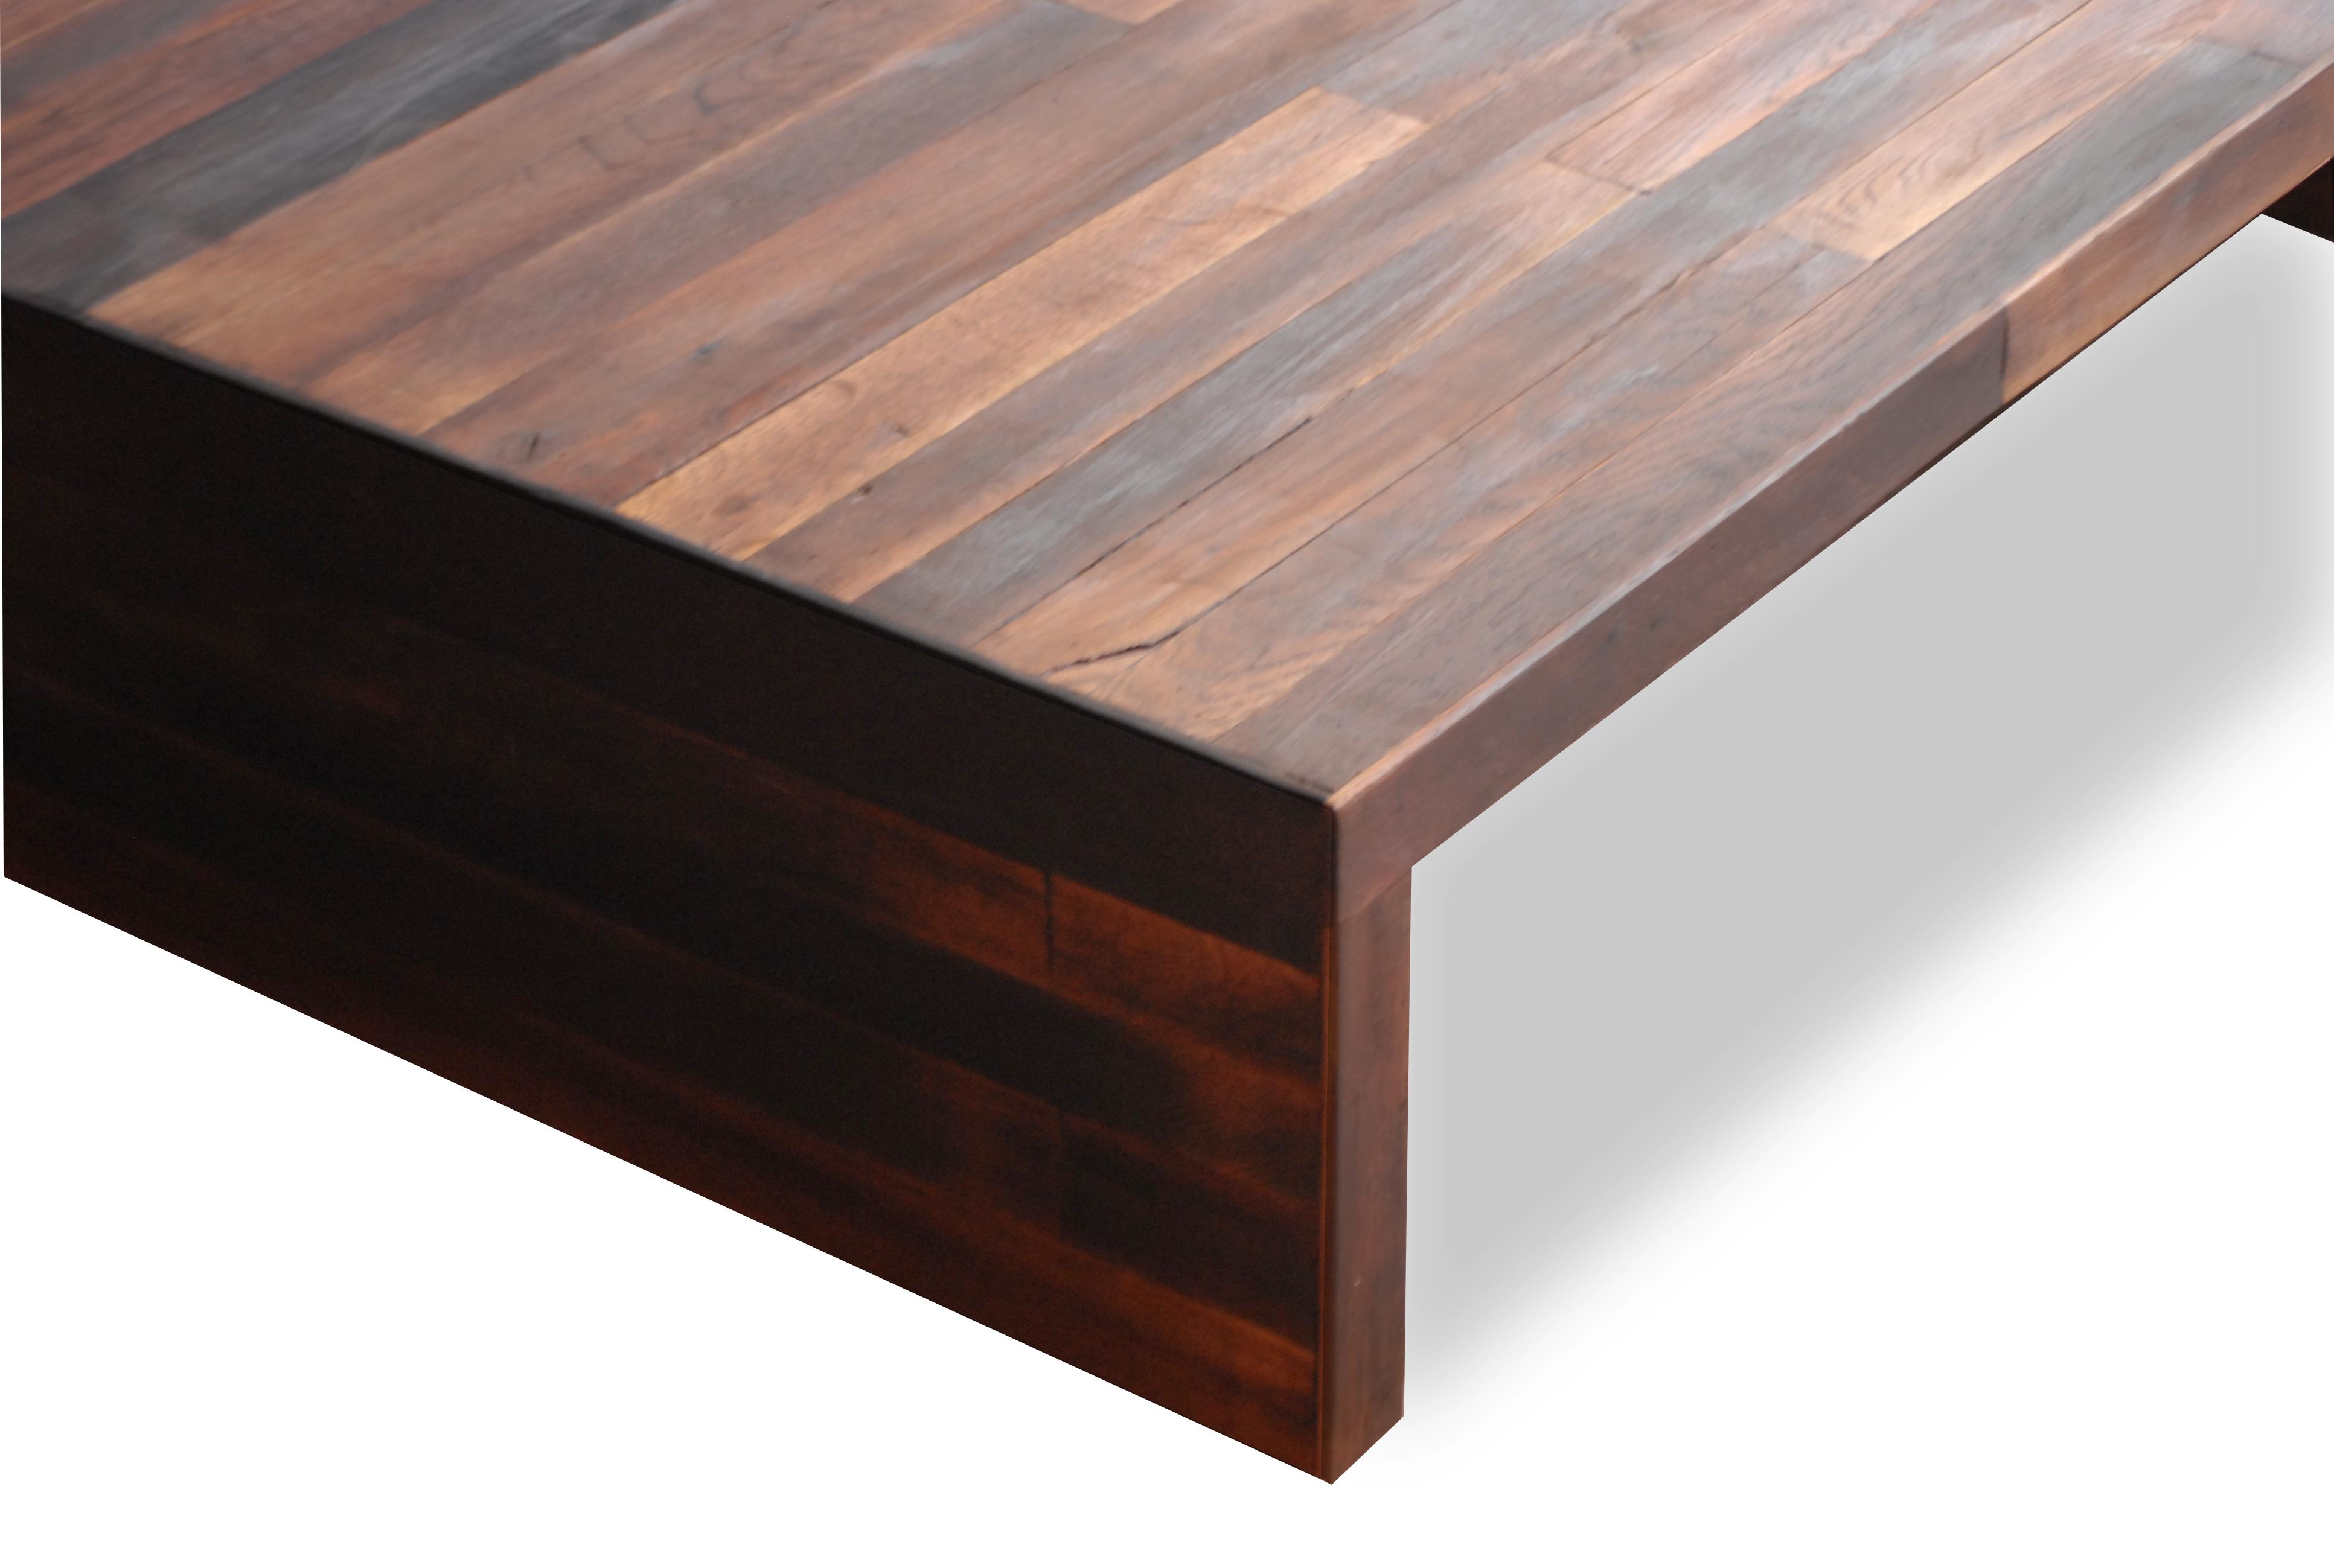 Muebles en duela aymae creado en chile - Duelas de madera ...